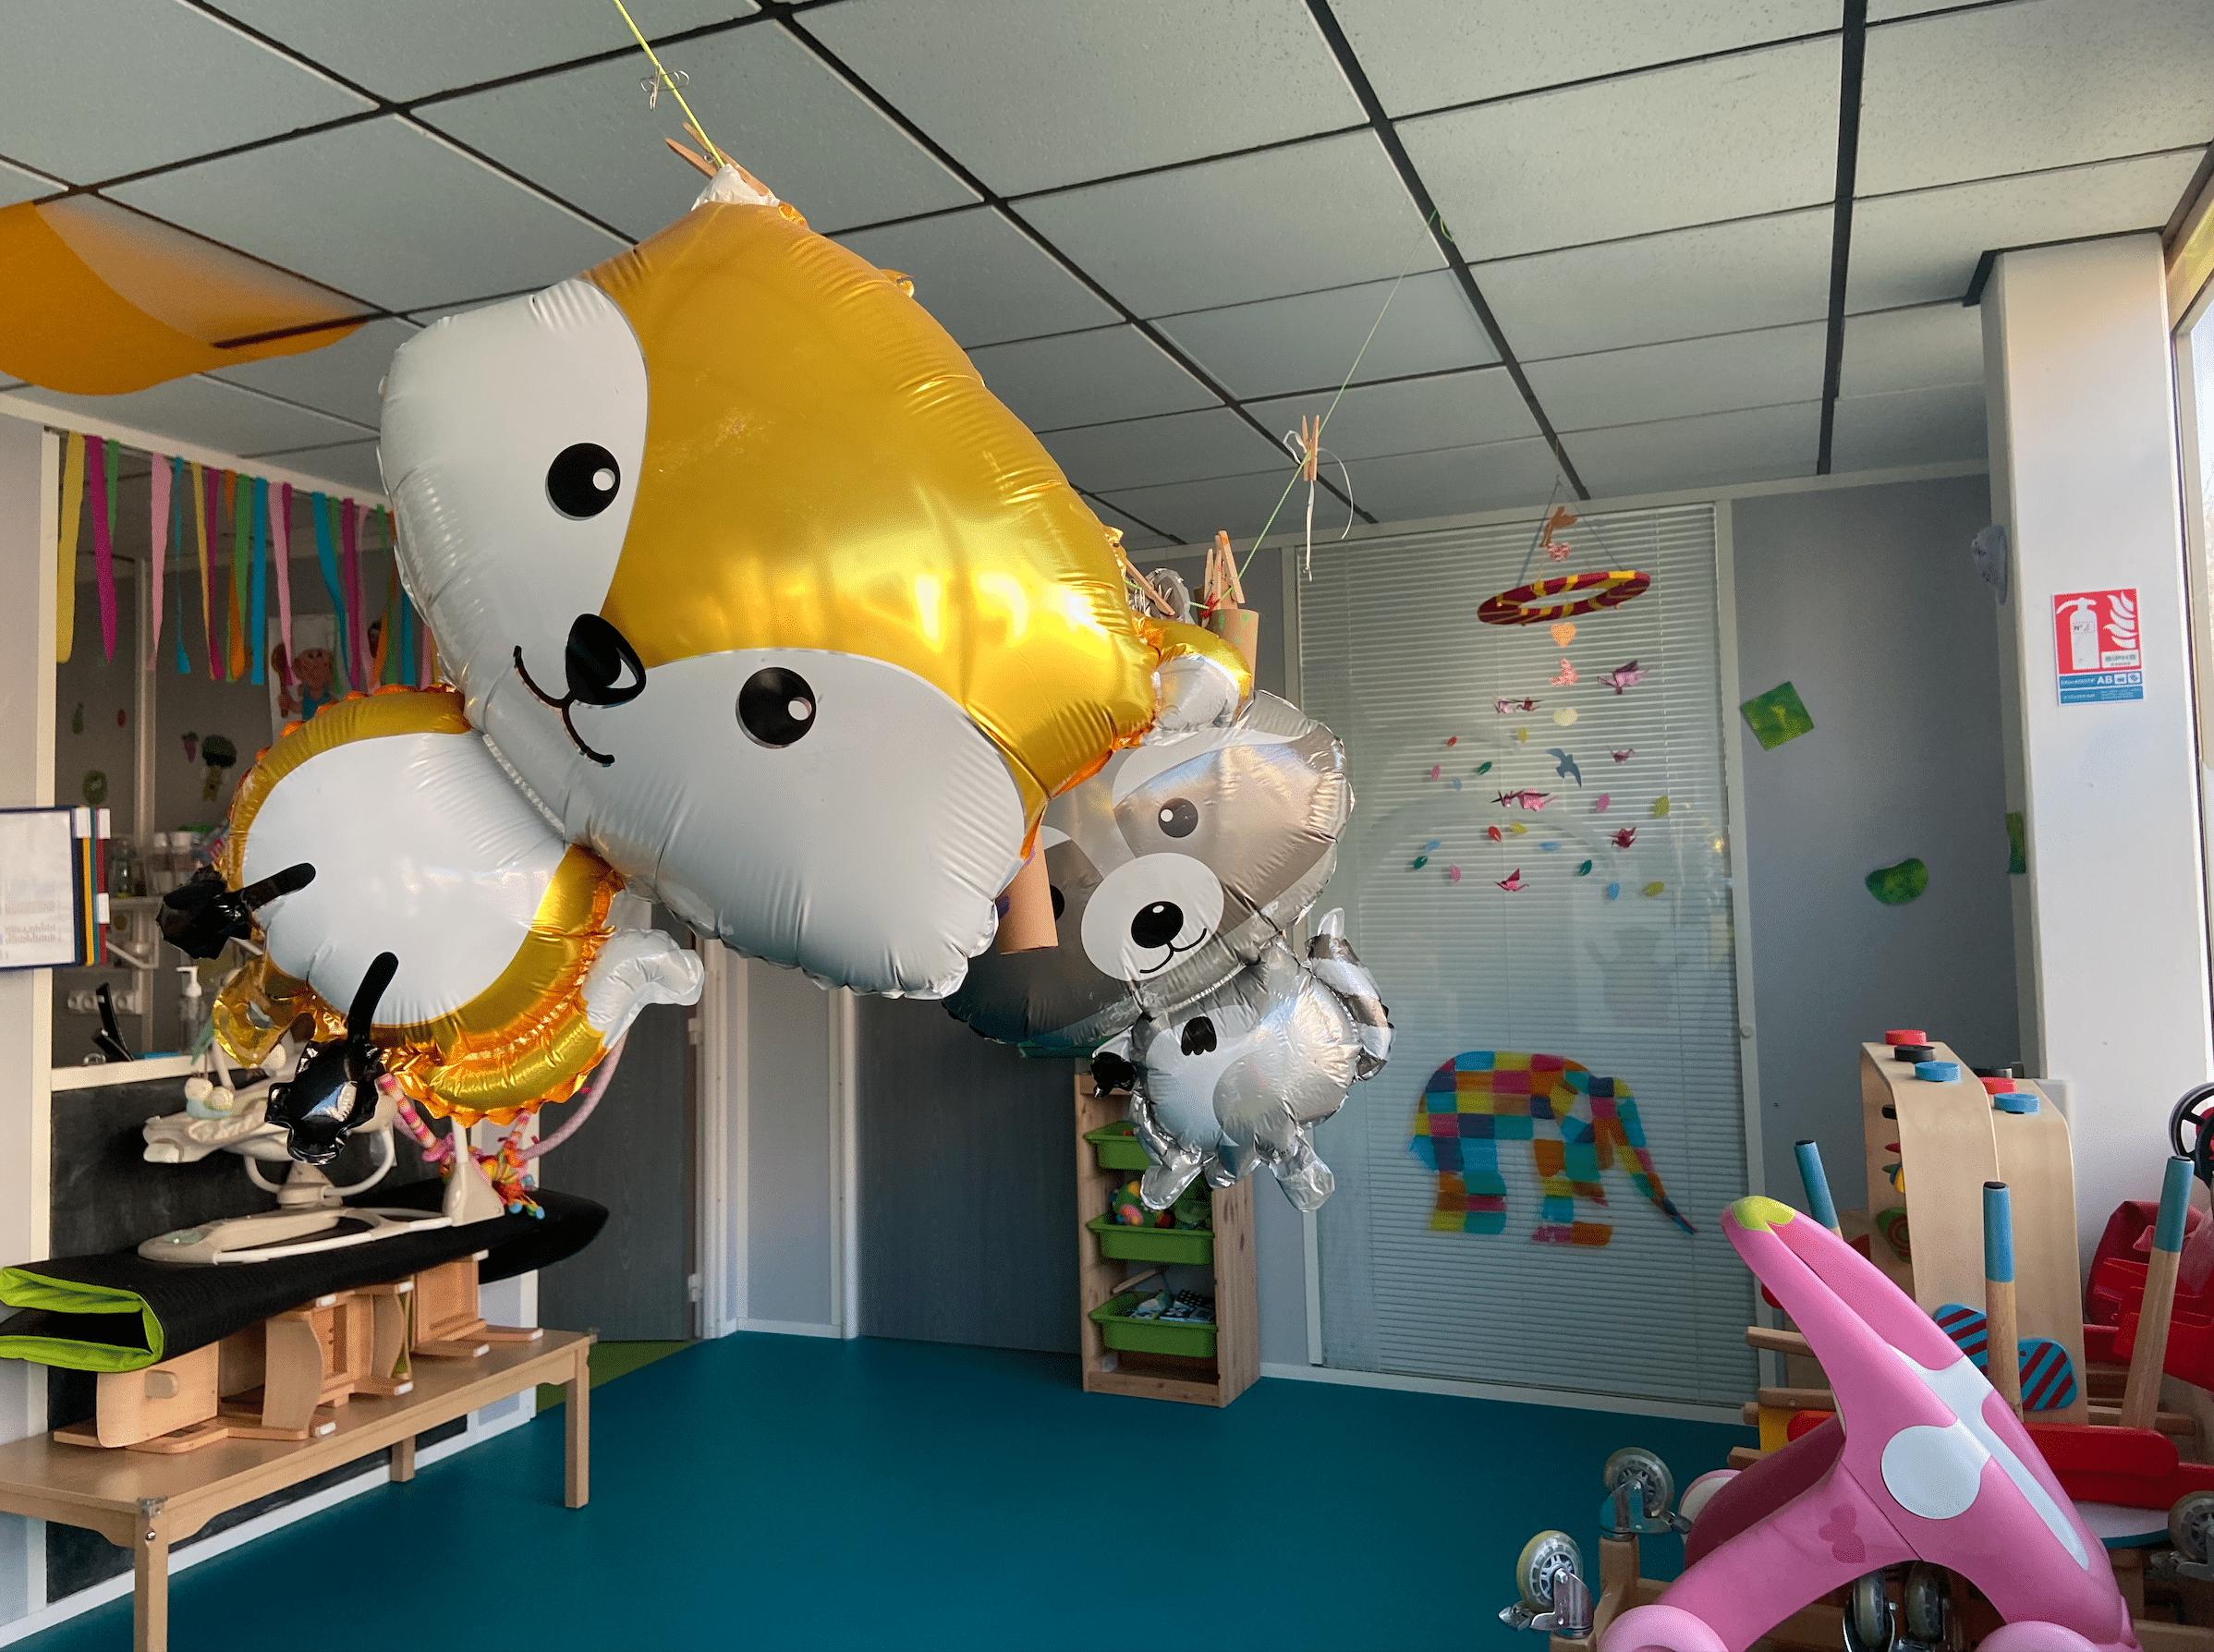 Ballons en forme d'animaux micro-crèche bois guillaume